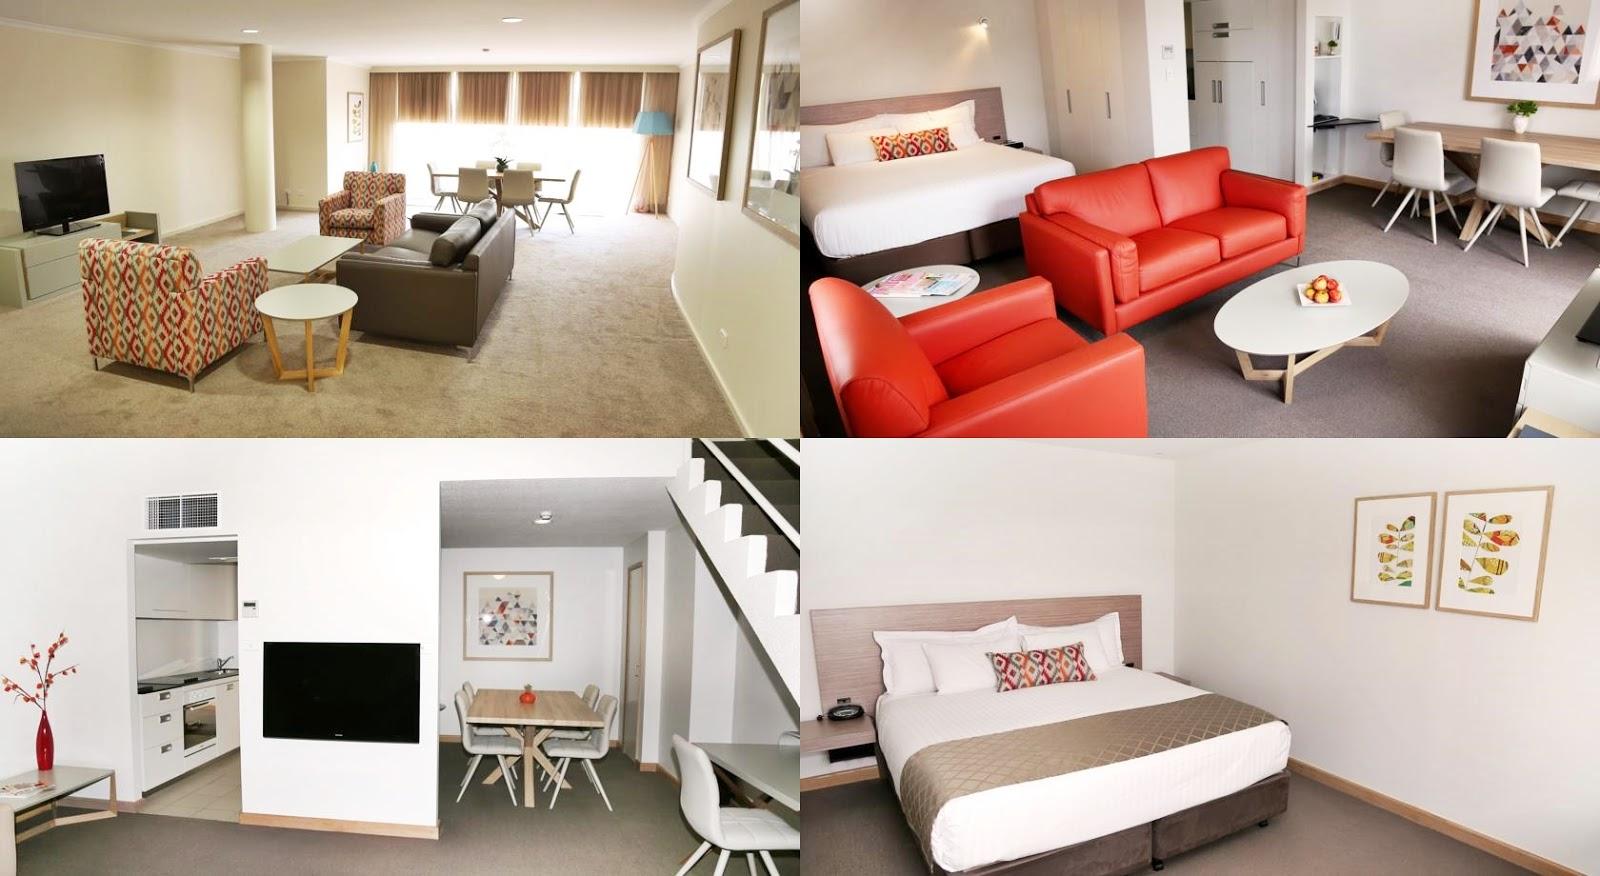 塔斯馬尼亞-住宿-推薦-薩拉曼卡公寓式酒店-Salamanca-Inn-旅館-飯店-酒店-民宿-公寓-澳洲-Tasmania-Hotel-Apartment-Accommodation-Australia